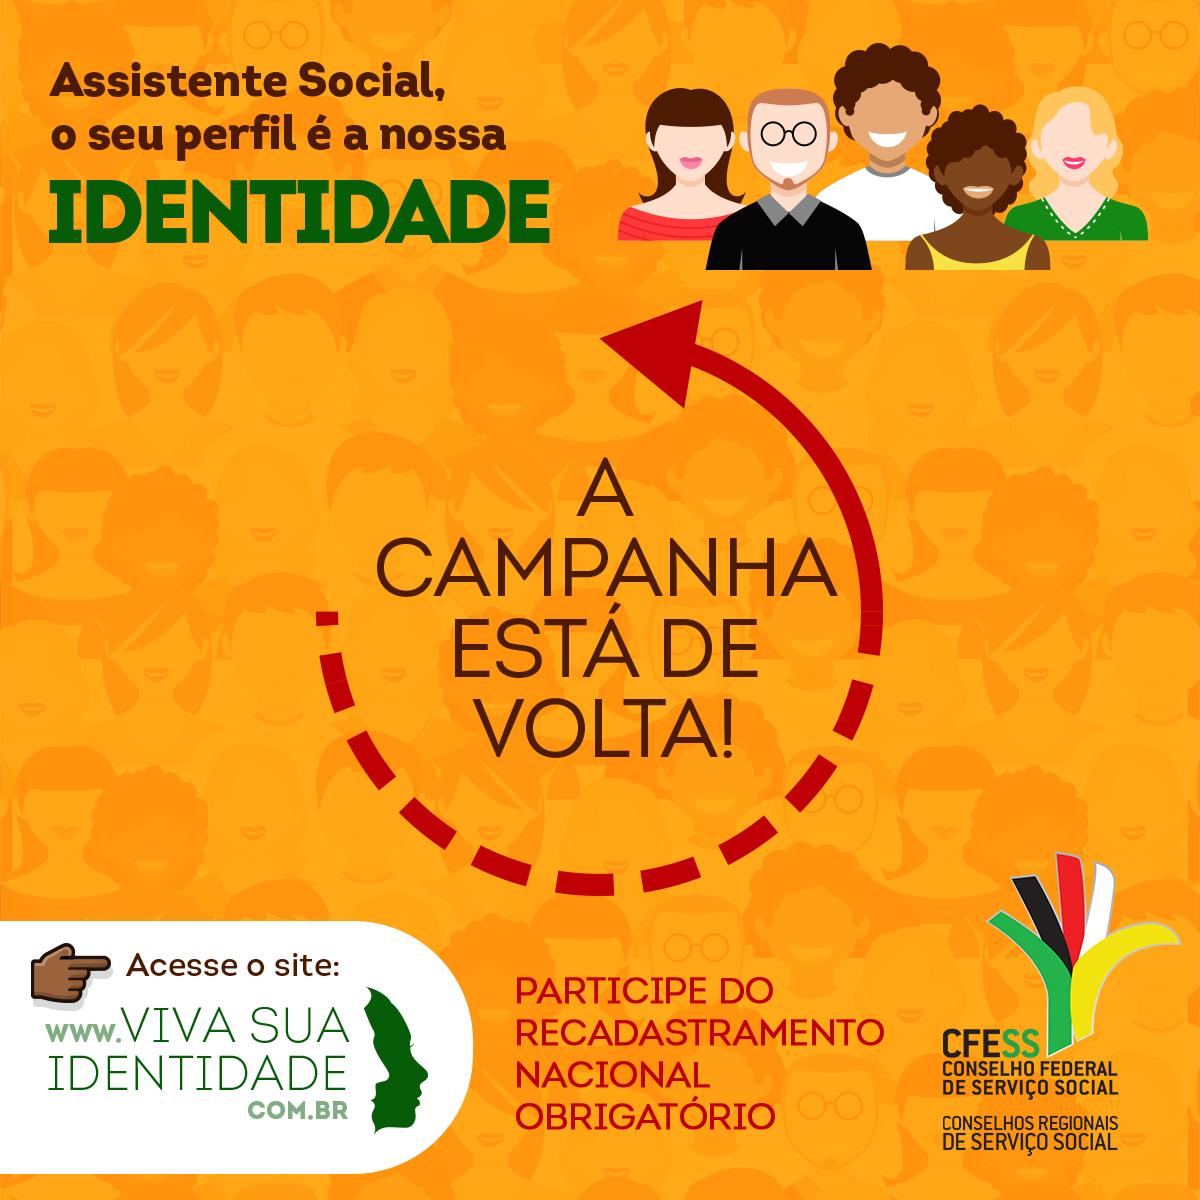 Imagem mostra ilustrações de pessoas de várias raças, sorrindo, representando assistentes sociais de todo o Brasil, e uma chamada informando que a campanha está de volta